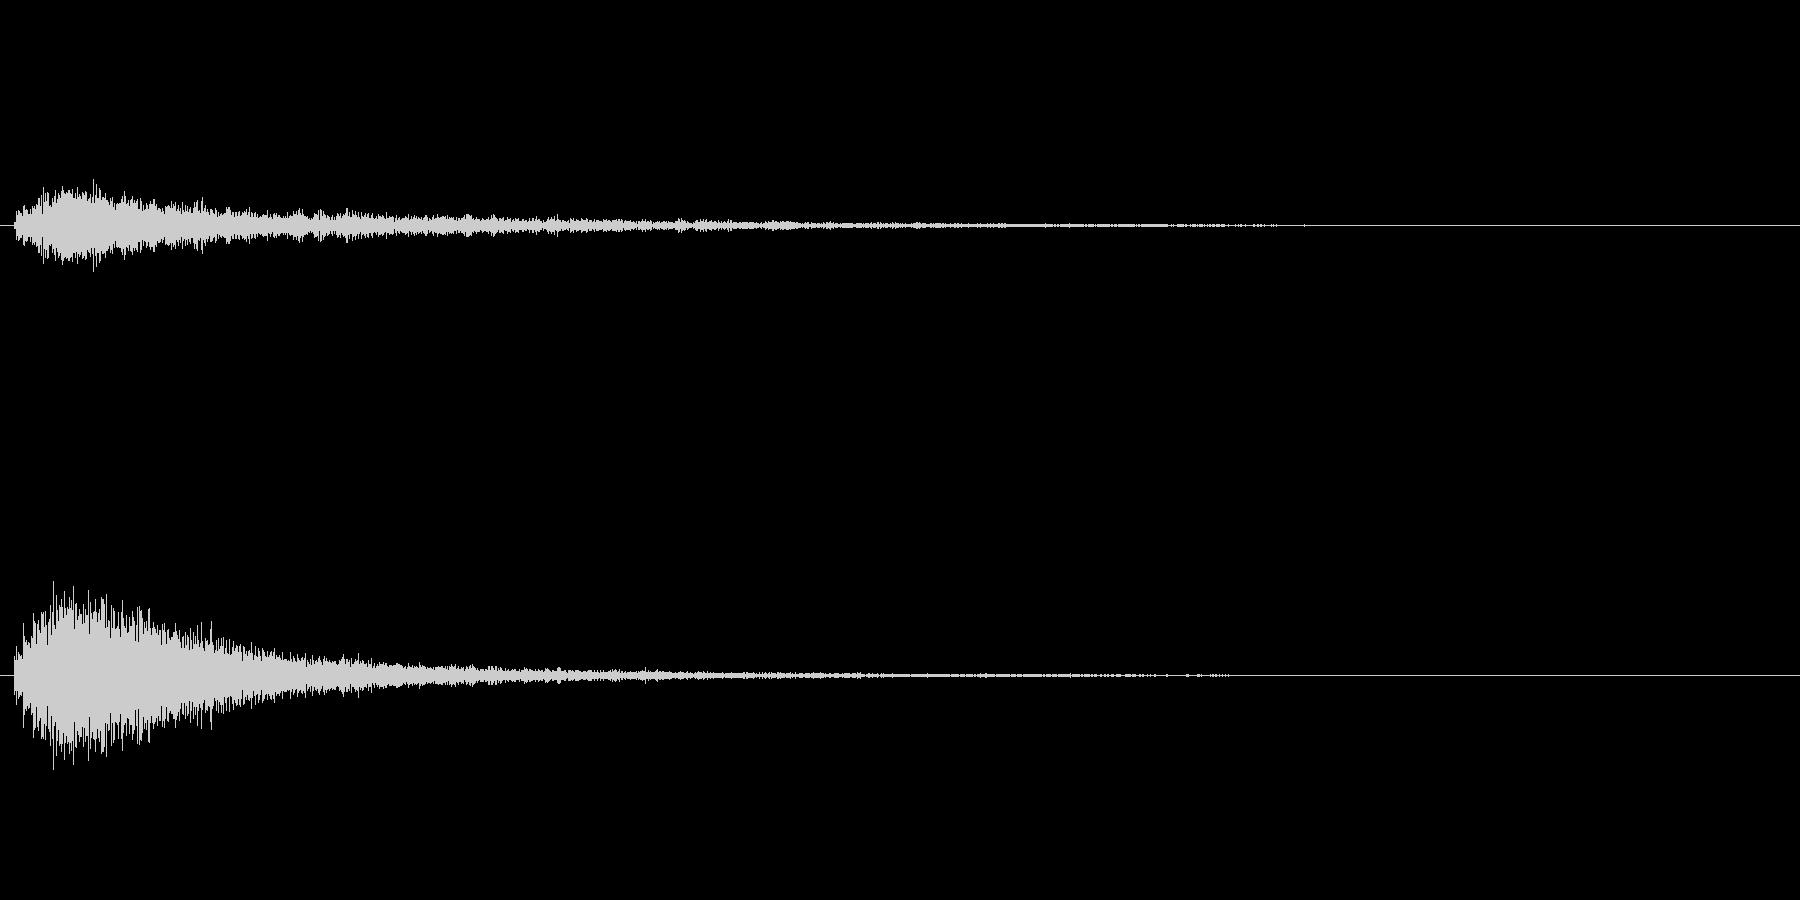 キラキラ系_099の未再生の波形